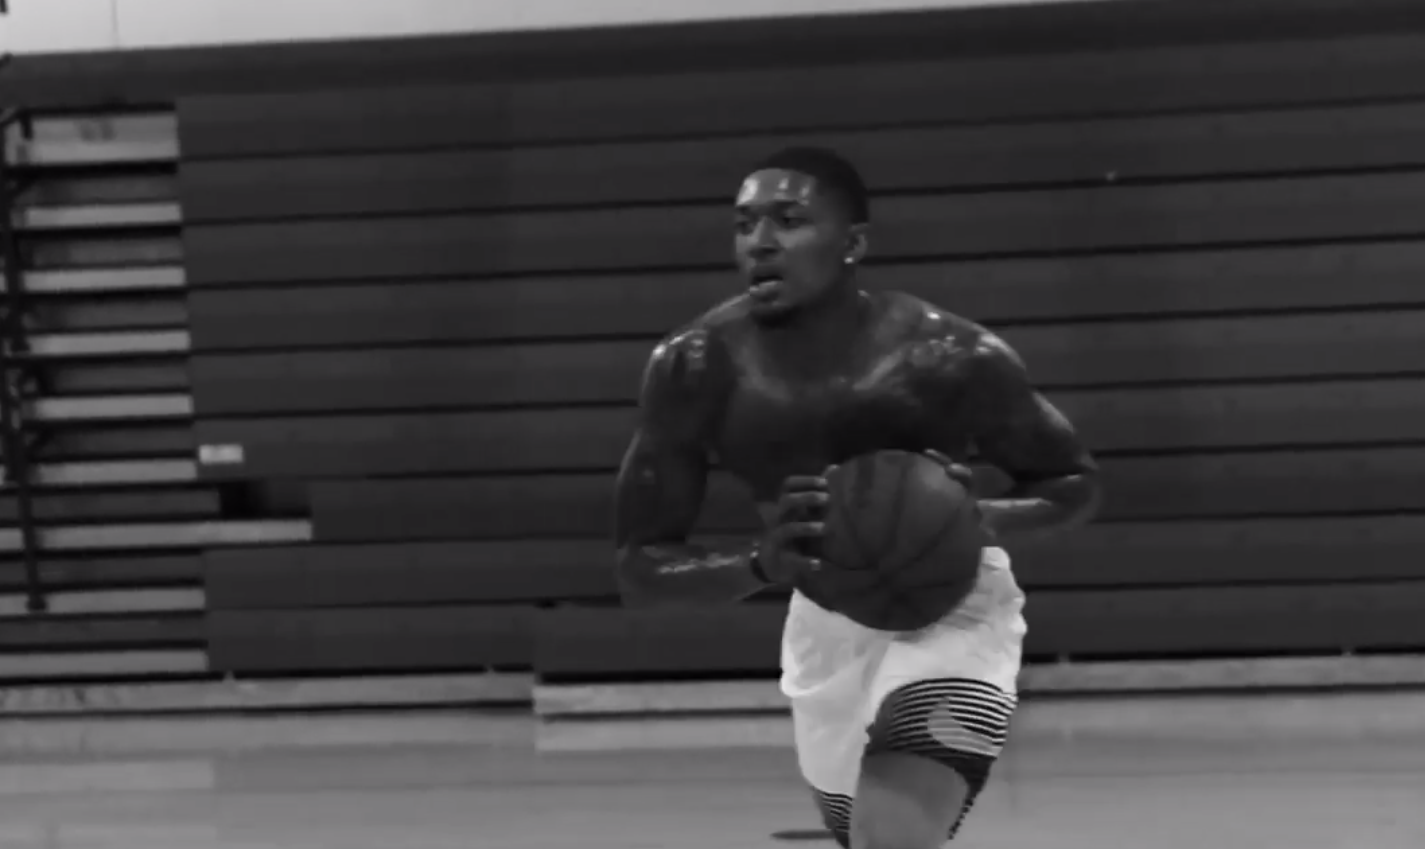 L'intensité dans la prépa physique, le secret des joueurs NBA